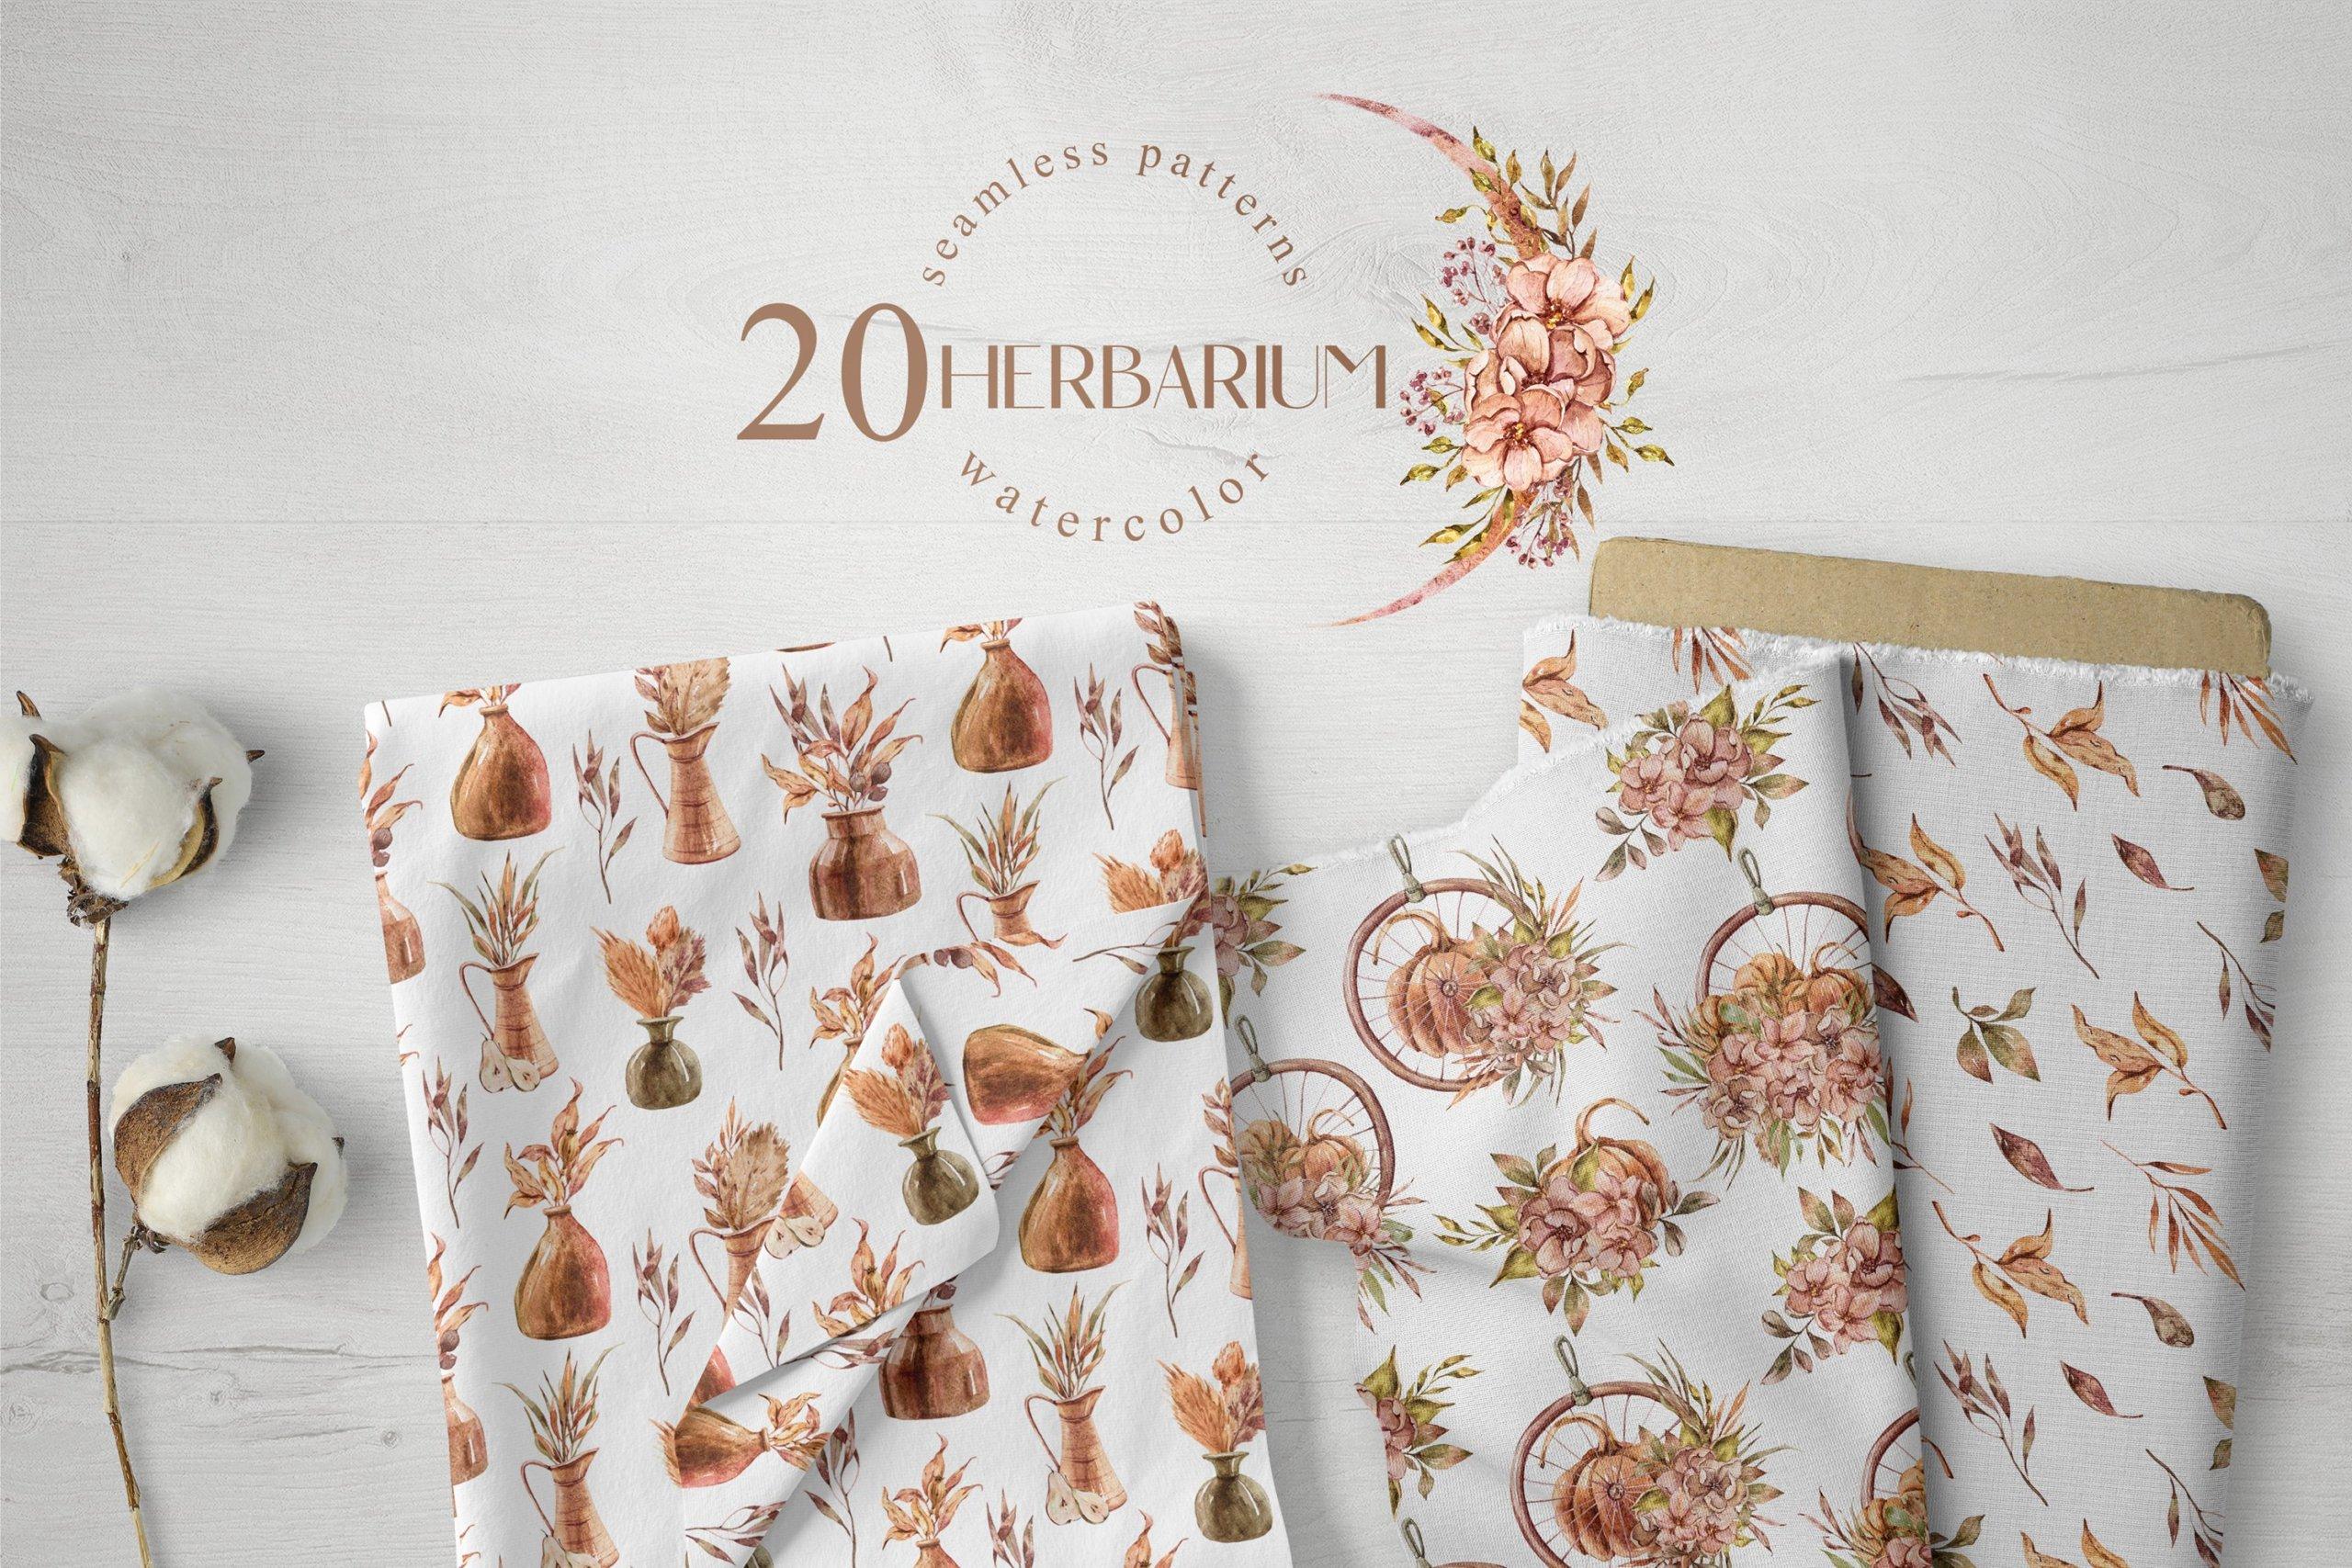 15款高清花卉字母手绘水彩插图图片设计素材 Watercolor Floral Seamless Patterns插图6